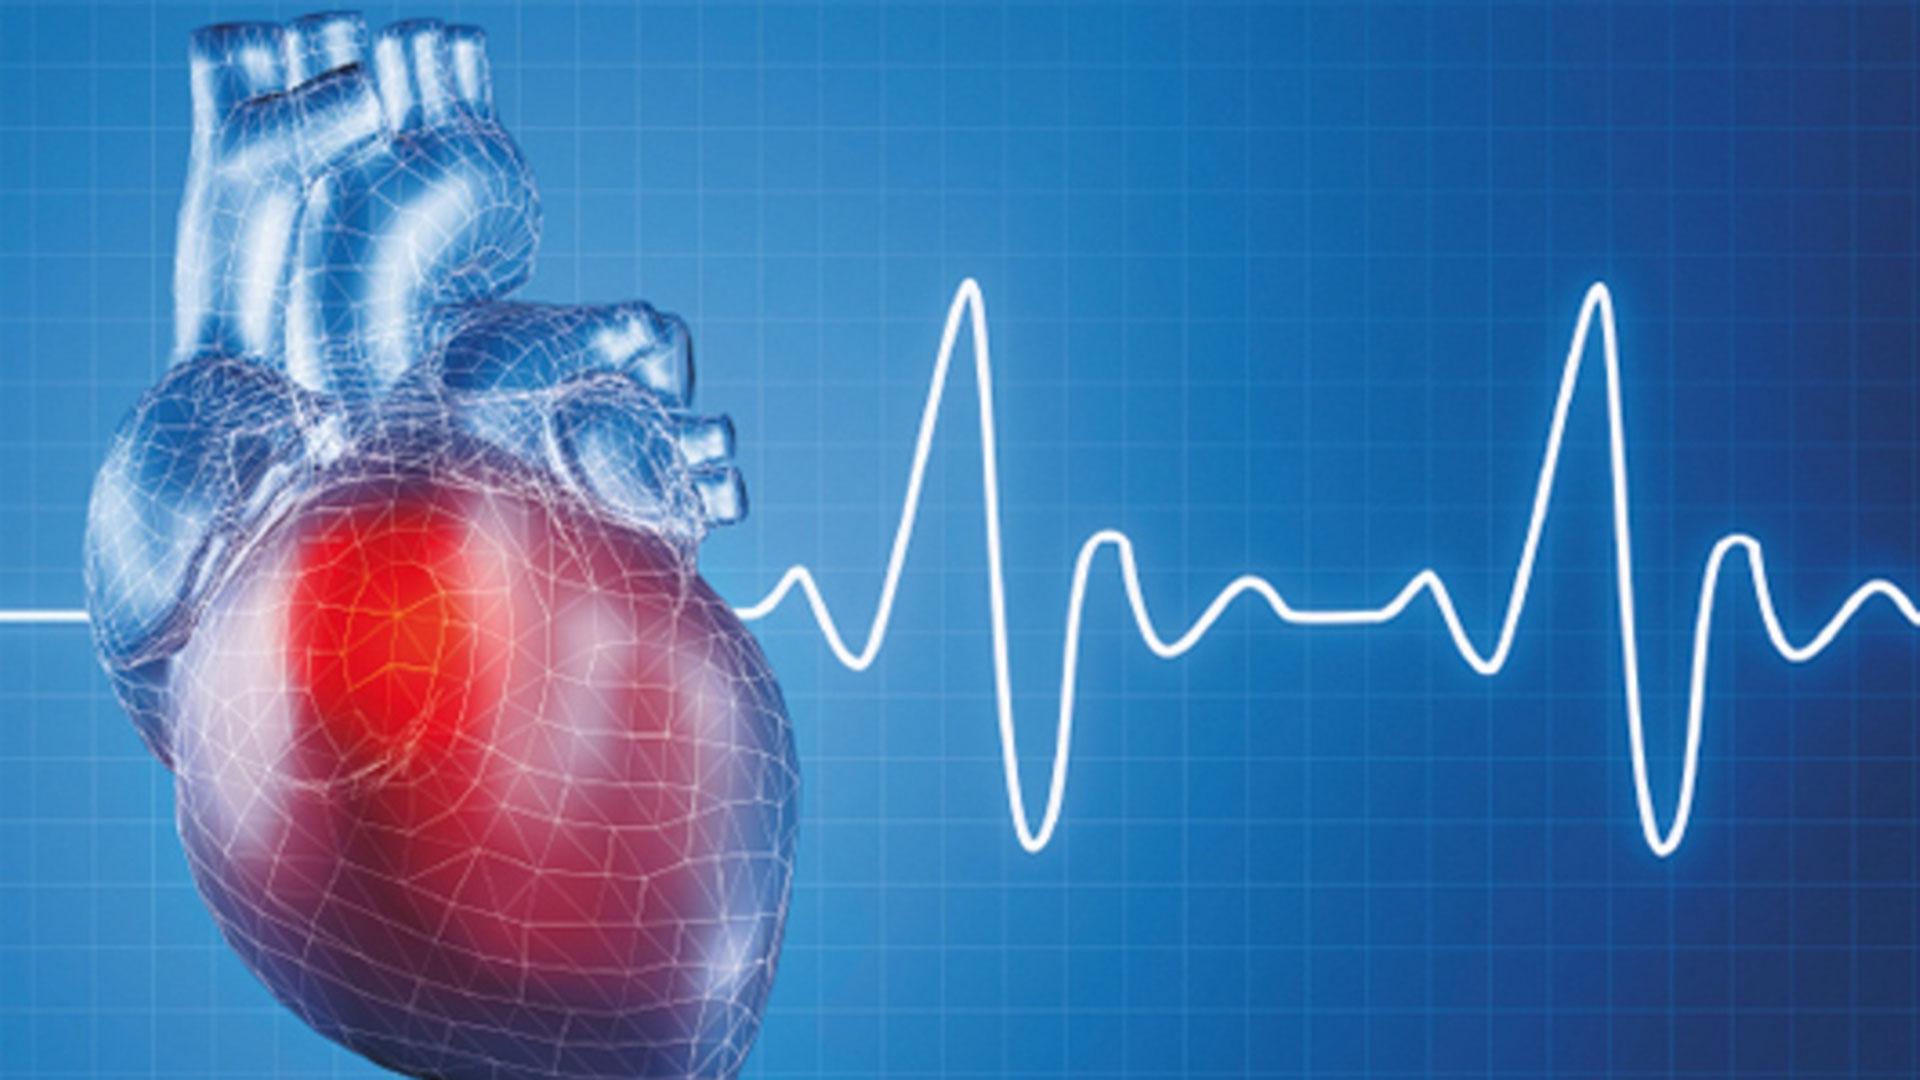 La idea fundacional de la cardiología moderna: prevención simple y segura. No se realiza con medicamentos costosos, sino con pastillas accesibles: genéricas y baratas. (Archivo)